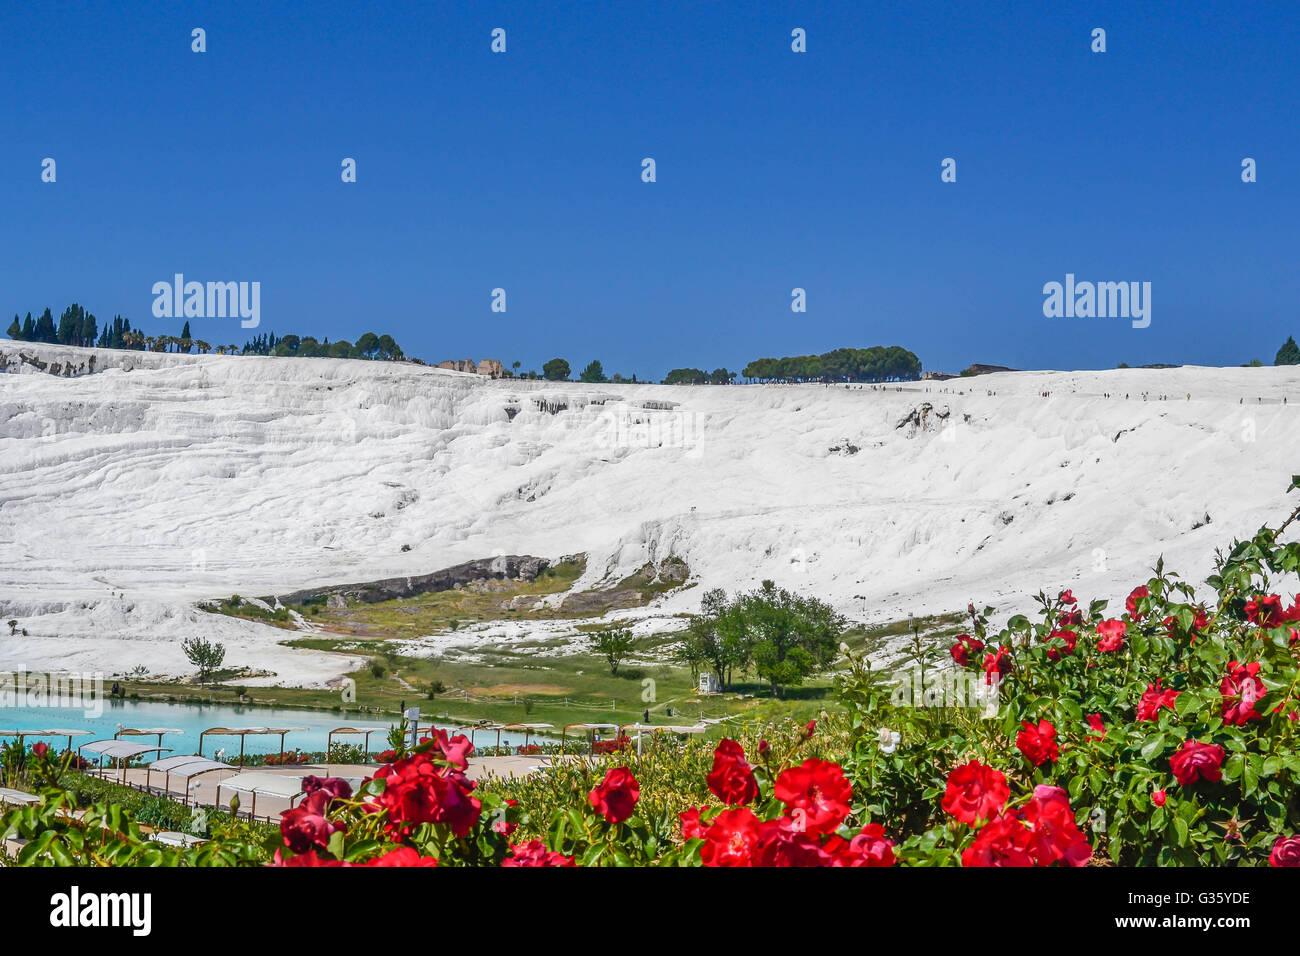 Türkei, Pamukkale, Reisen, erstaunlich zu sehen, weiß, Mineral Bad, rosa Blüten, blaue Wasser, heiße Stockbild